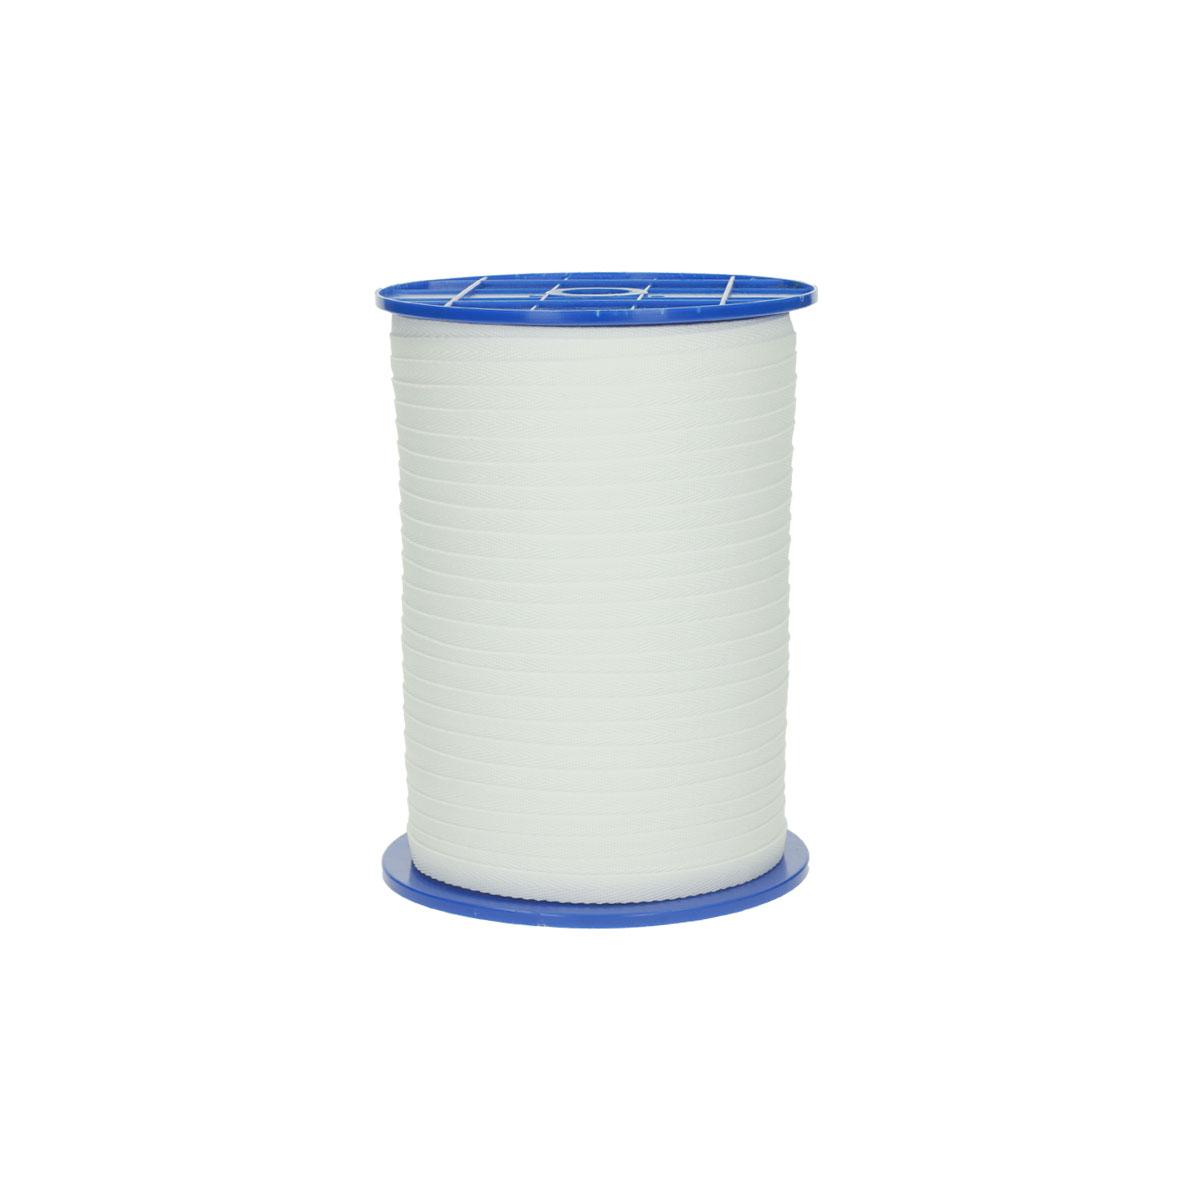 Tentenband waterafstotend